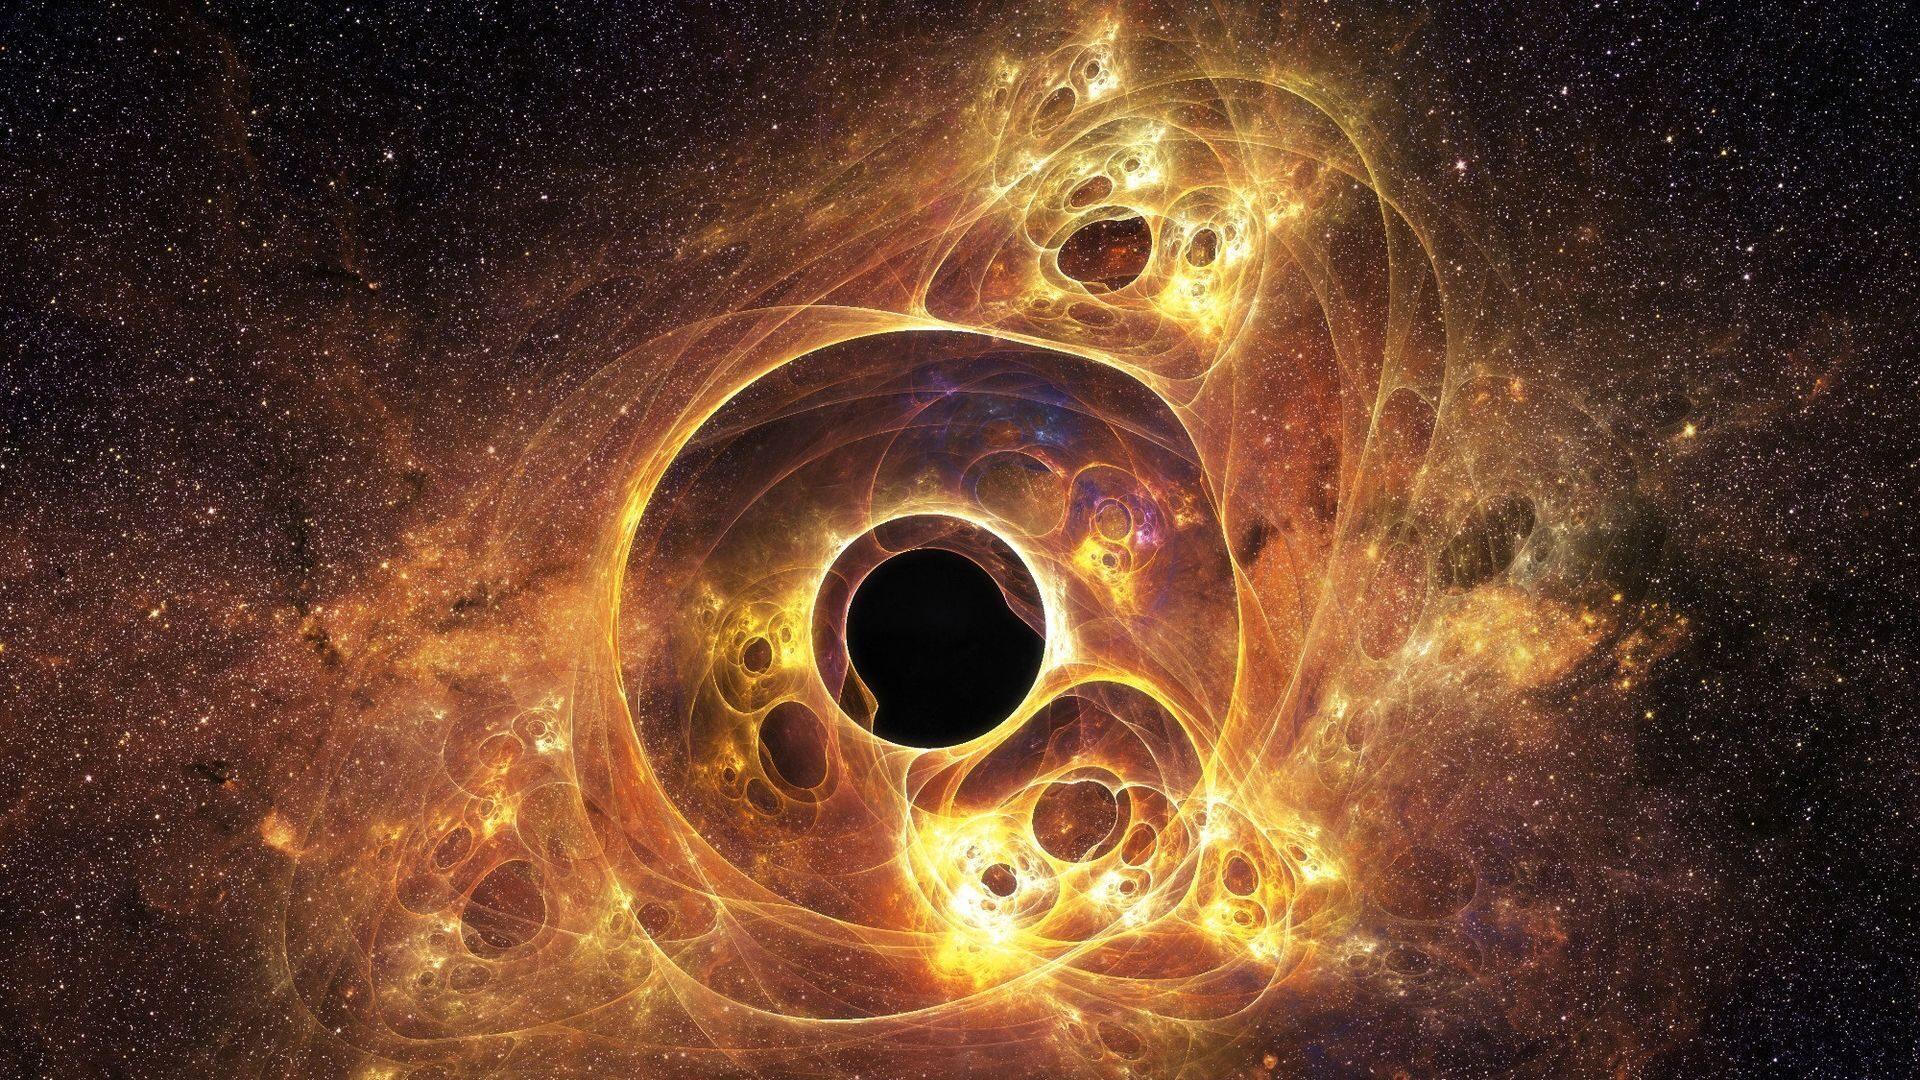 картинки космос и планеты и черная дыра артик продолжают